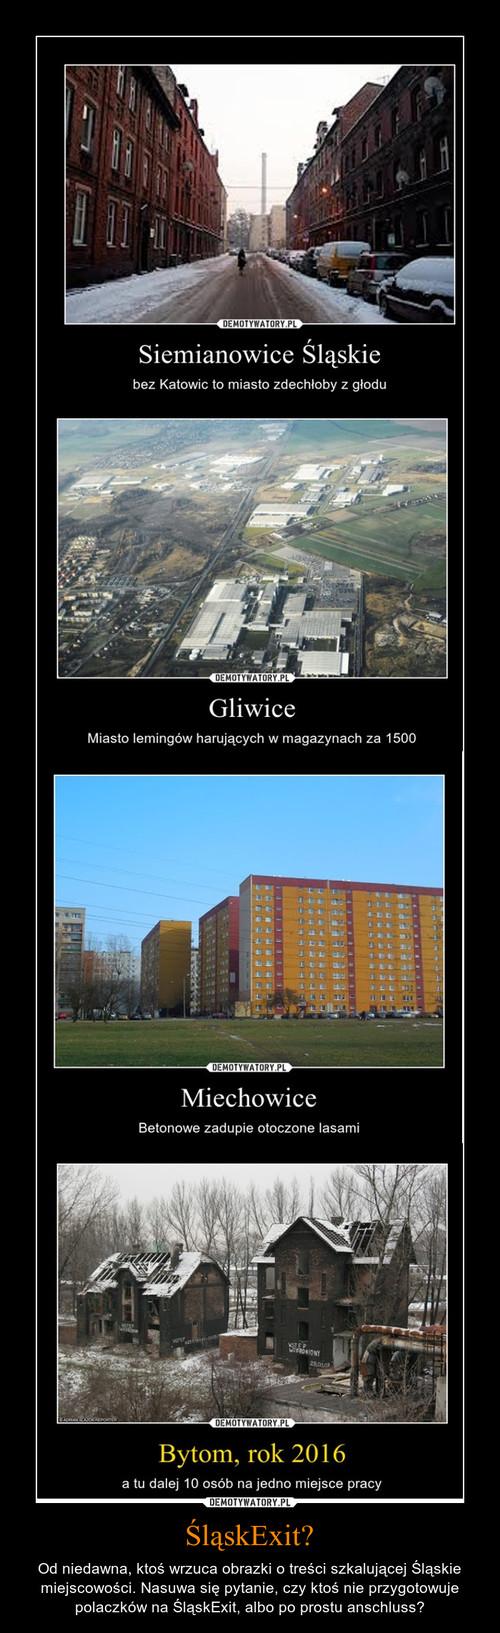 ŚląskExit?